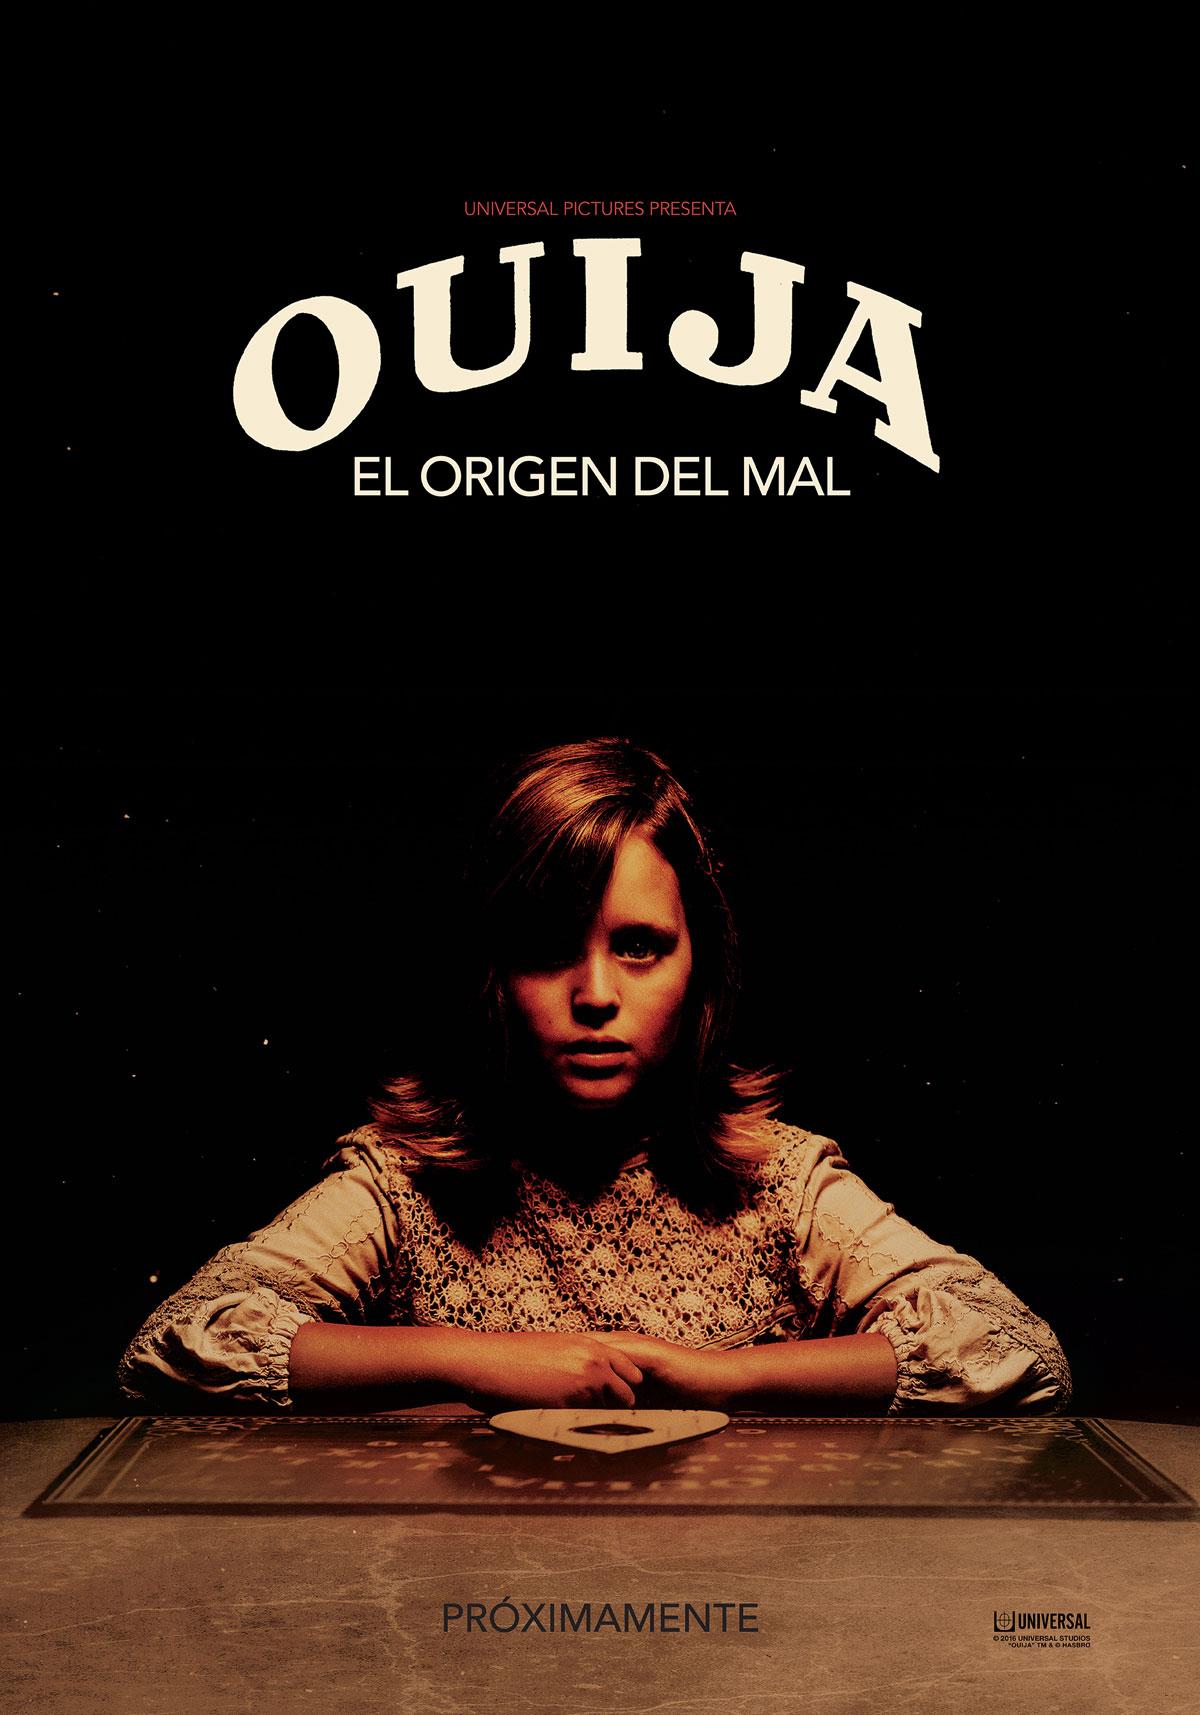 ouija-el-origen-del-mal-cartel